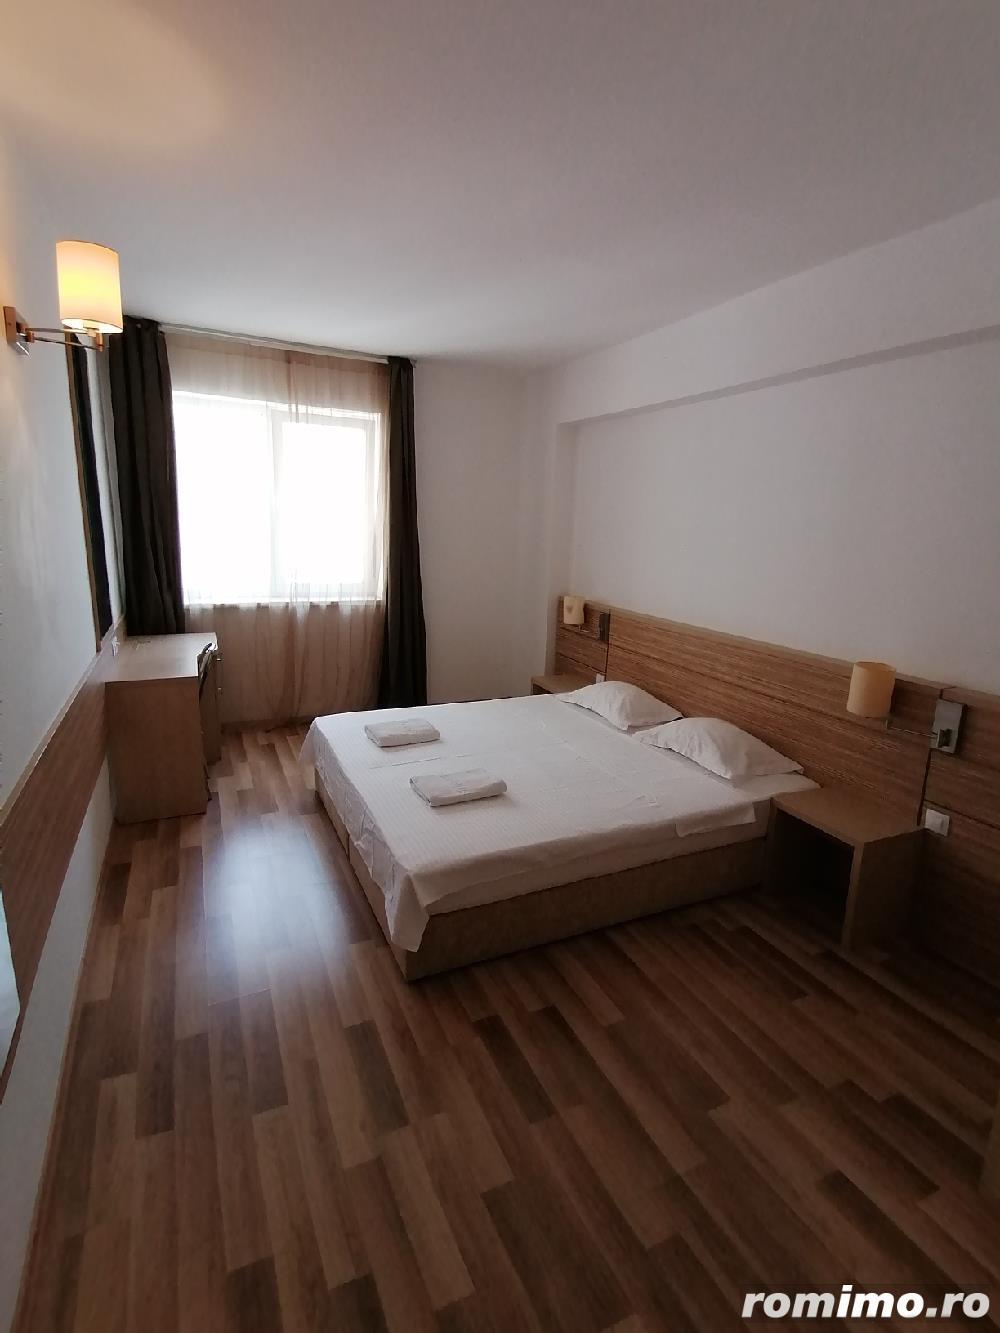 Cazare în Regim Hotelier - Apartamente cu 1,2 și 3 camere